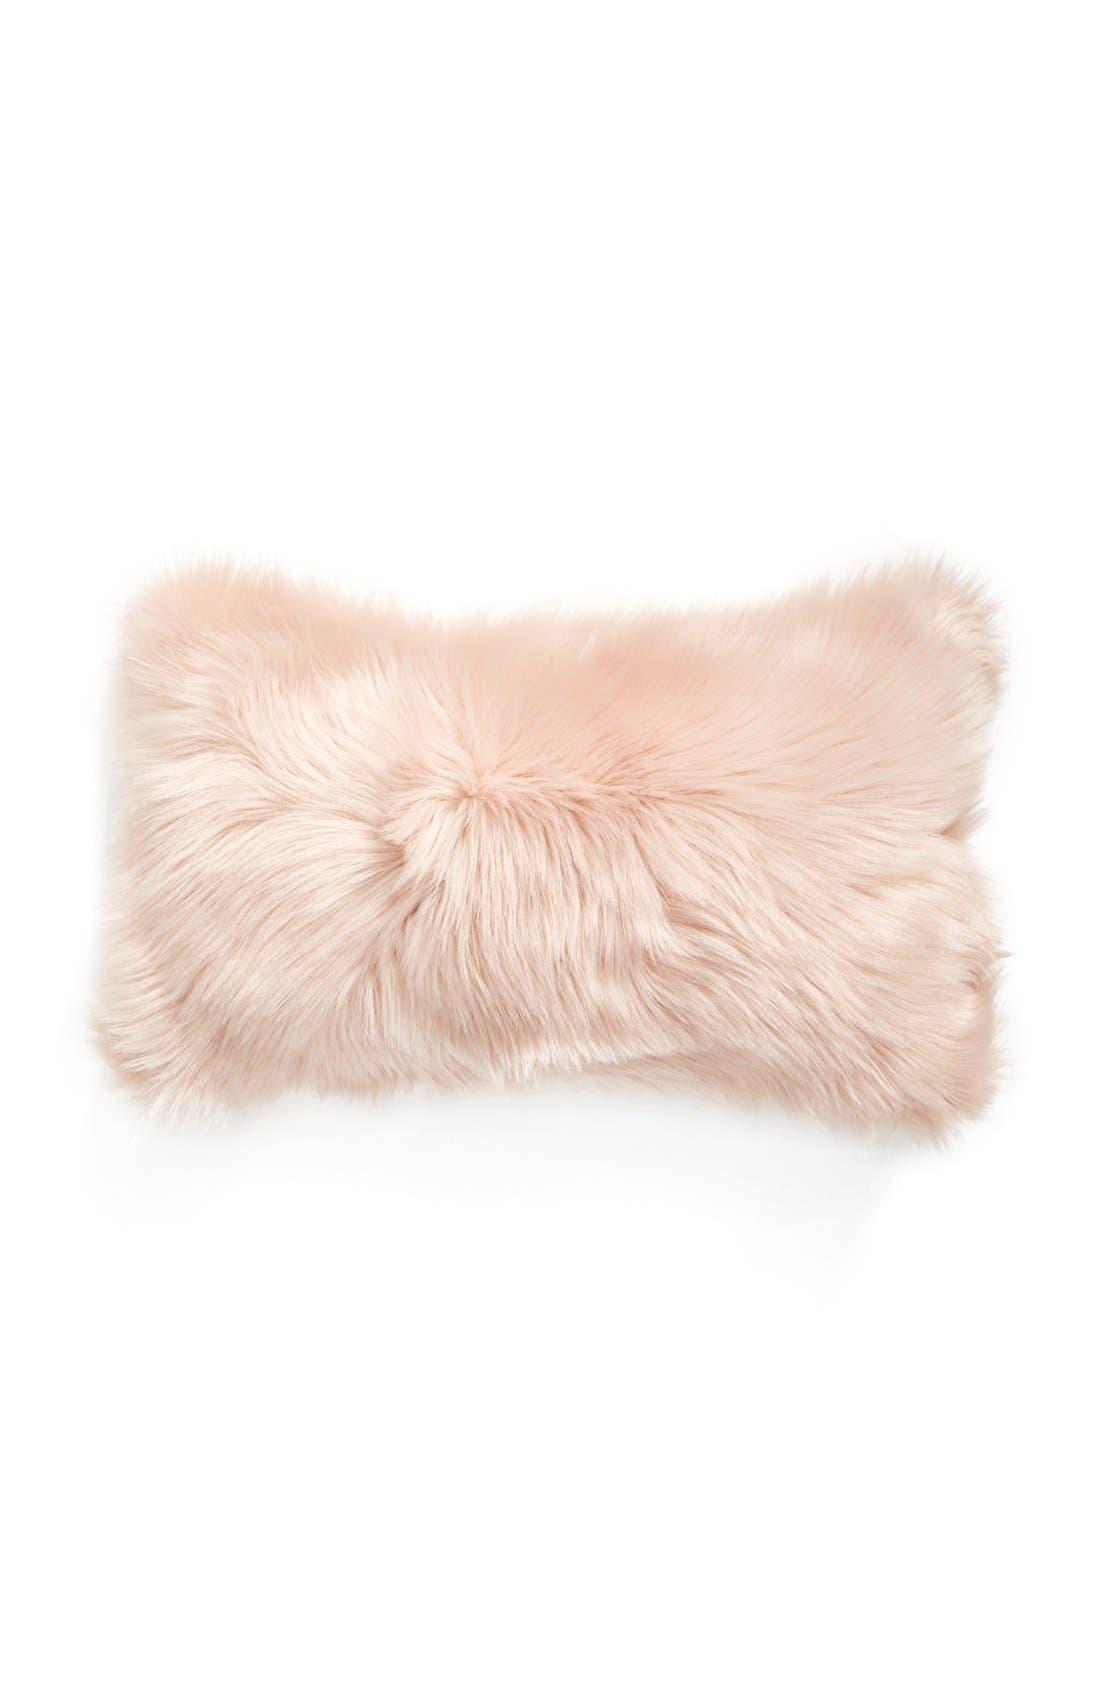 'Sumptuous' Faux Fur Accent Pillow,                             Main thumbnail 1, color,                             ROSE